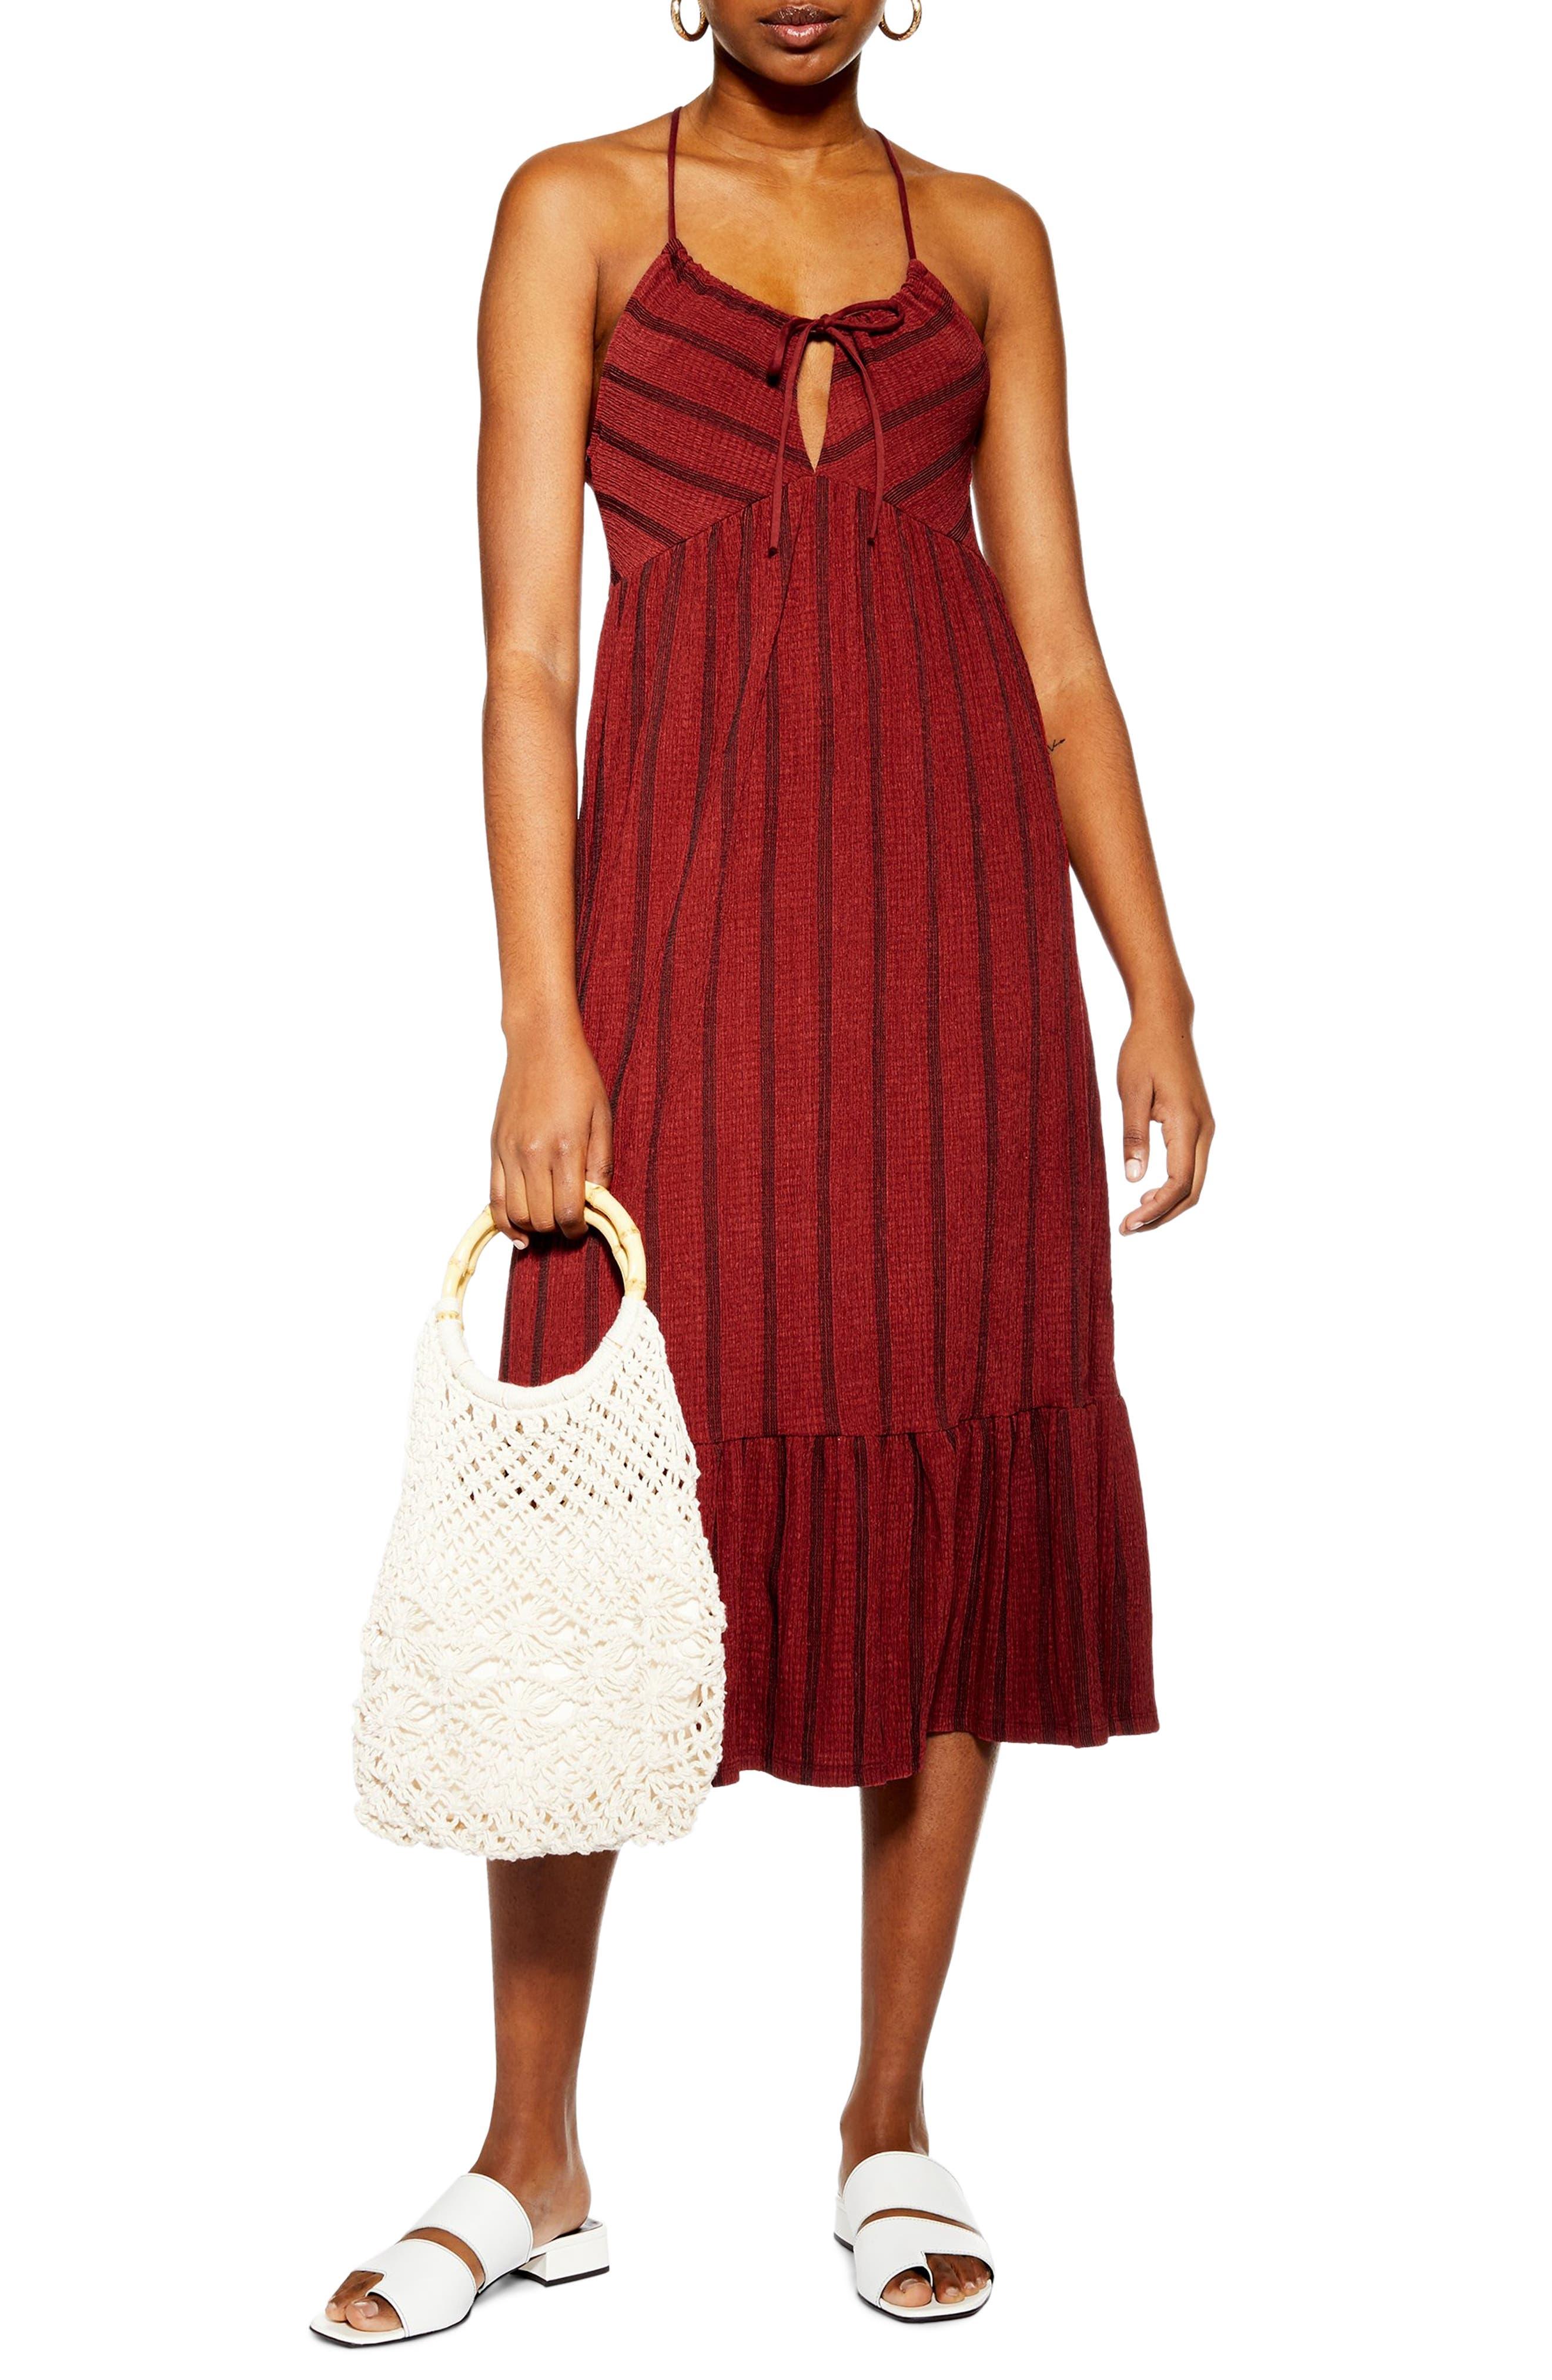 Topshop Stripe Crinkle Sundress, US (fits like 6-8) - Red